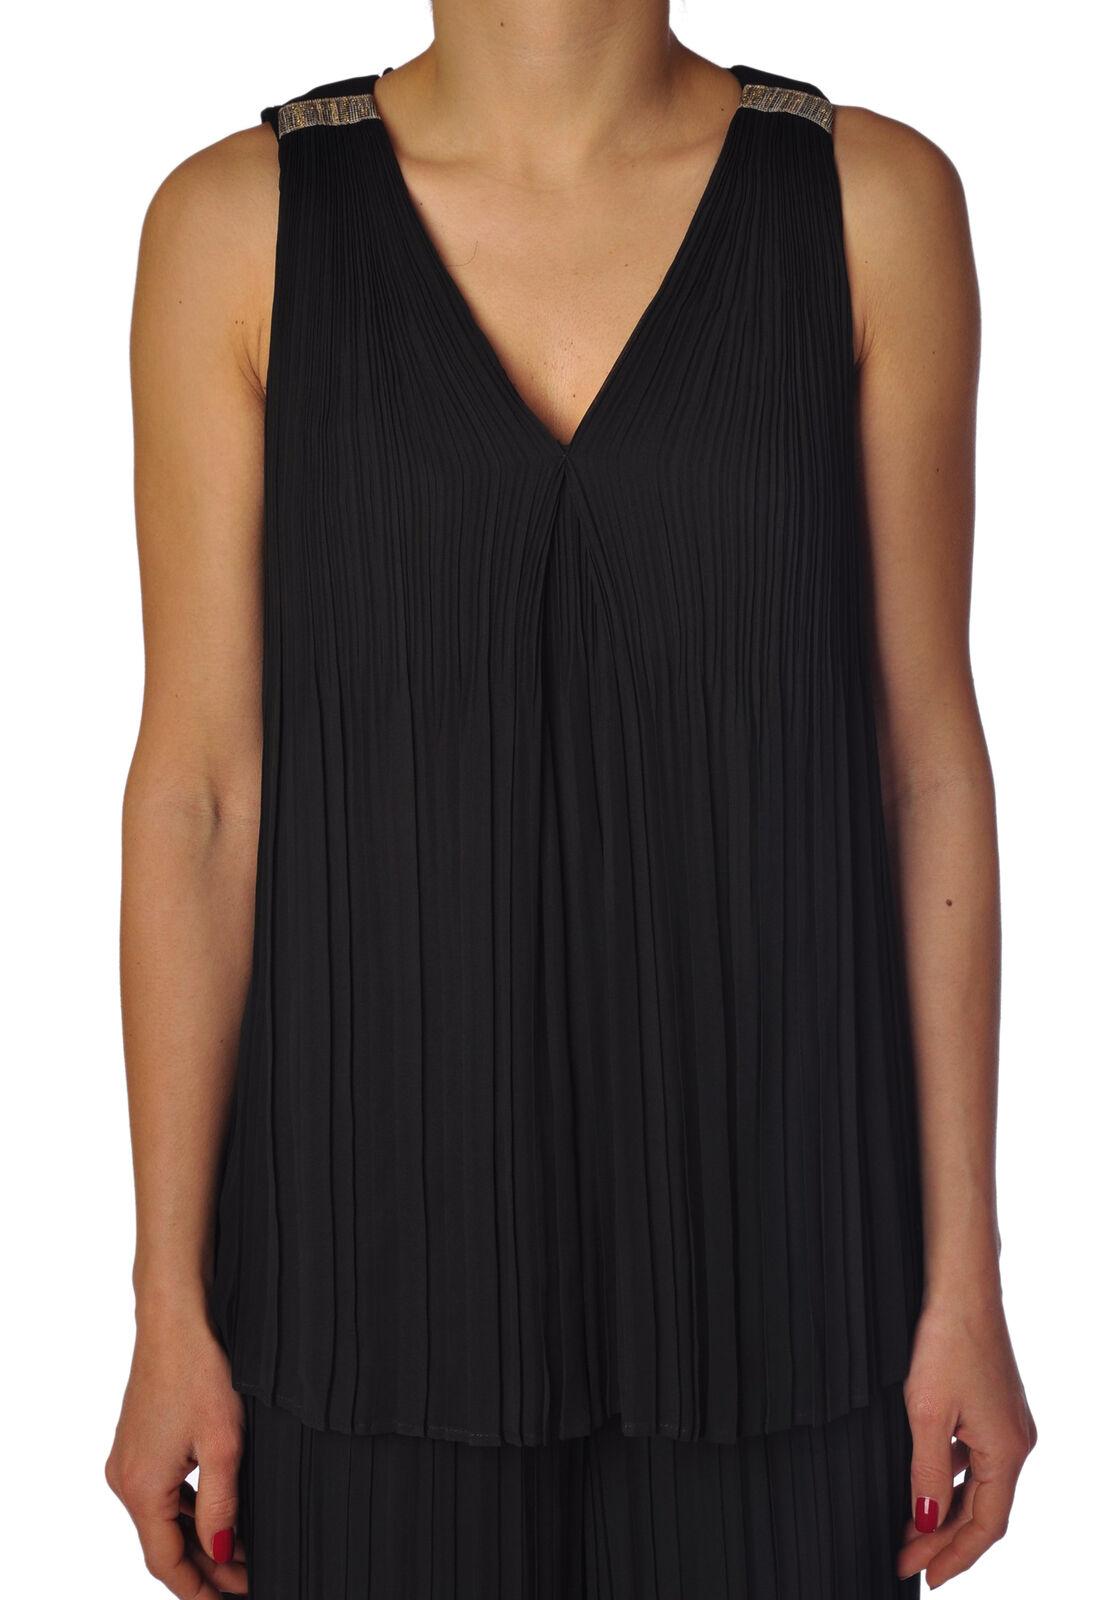 Hoss - Topwear-Tops - woman - schwarz - 764517C181126